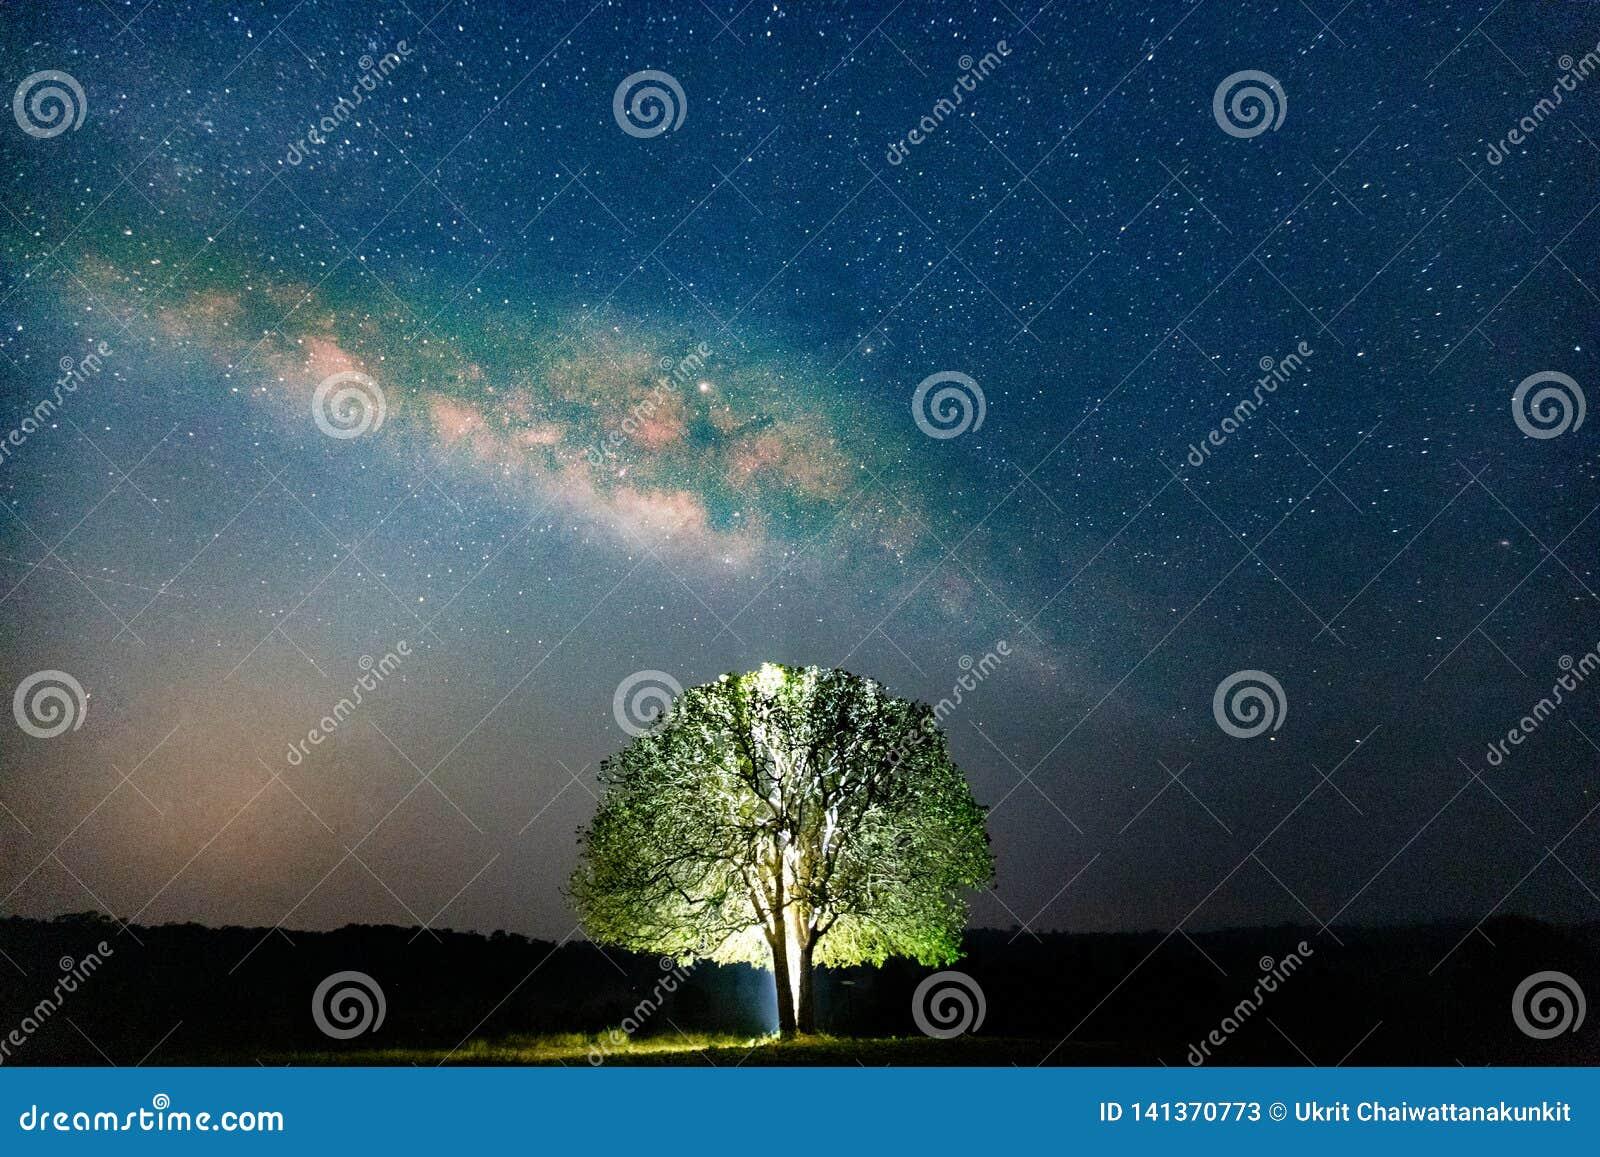 Árvores contra o céu estrelado com a fotografia longa da exposição da Via Látea com grão